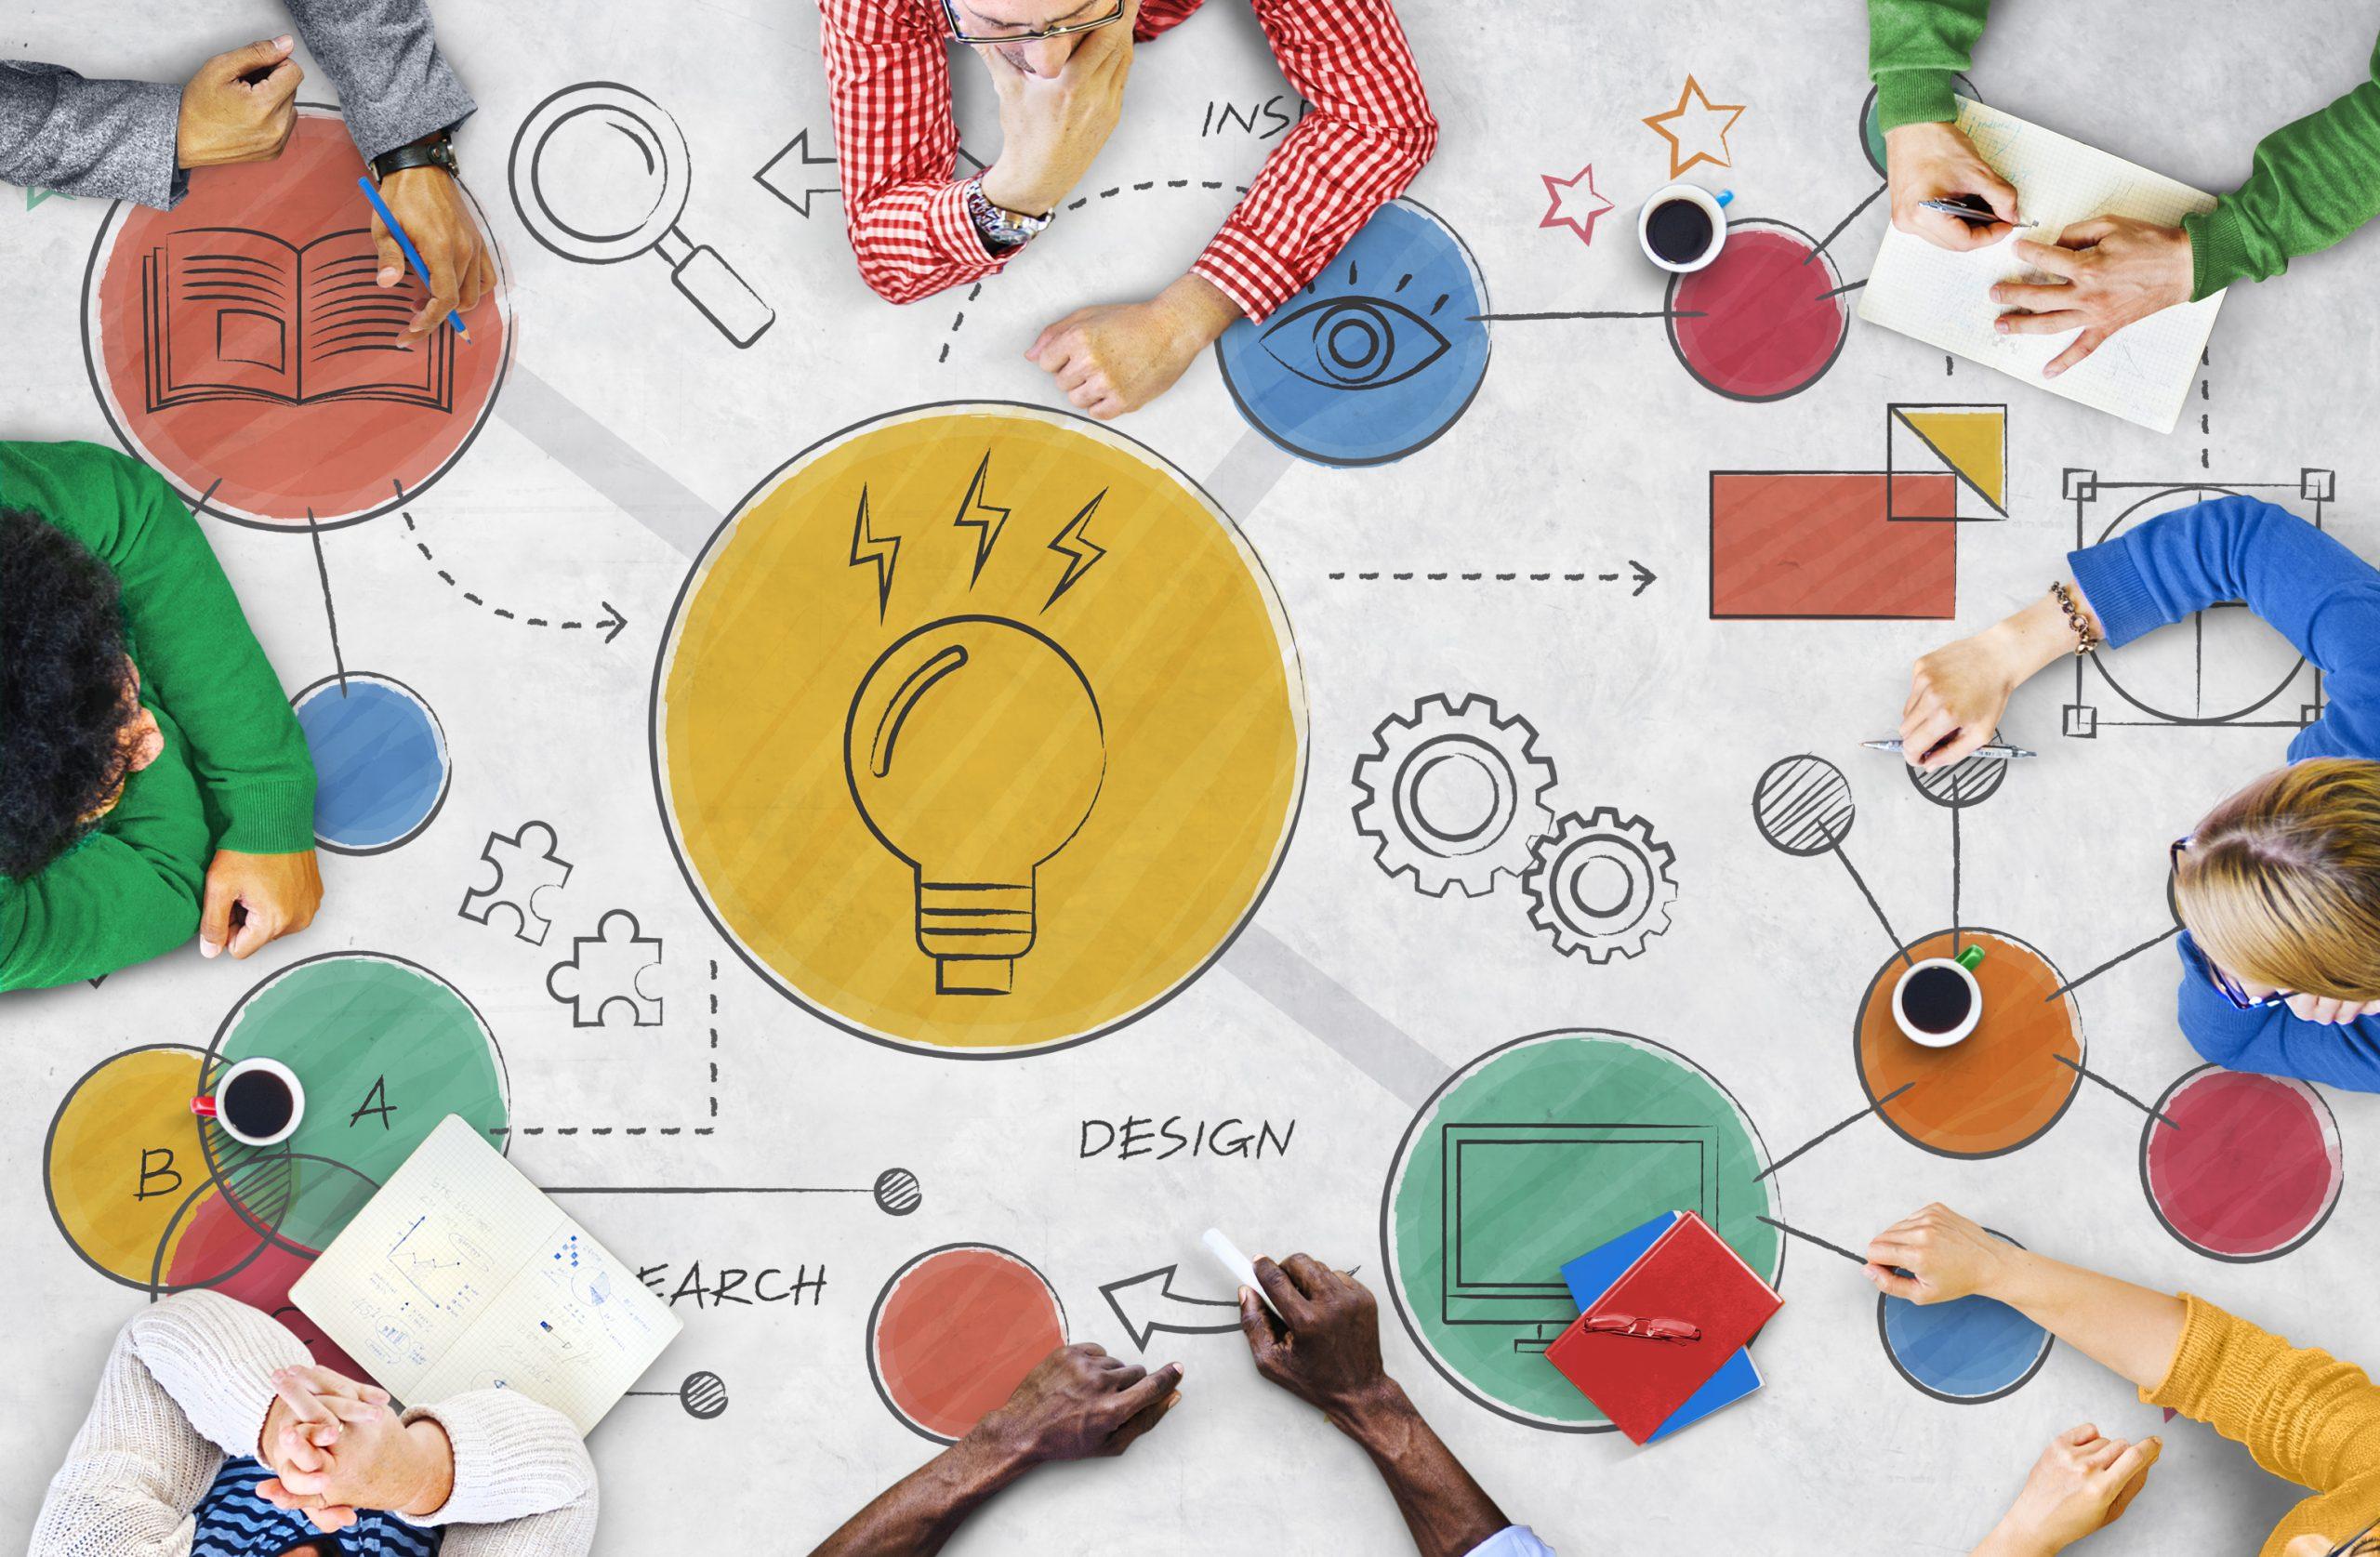 La creatividad en la empresa [Consejos]